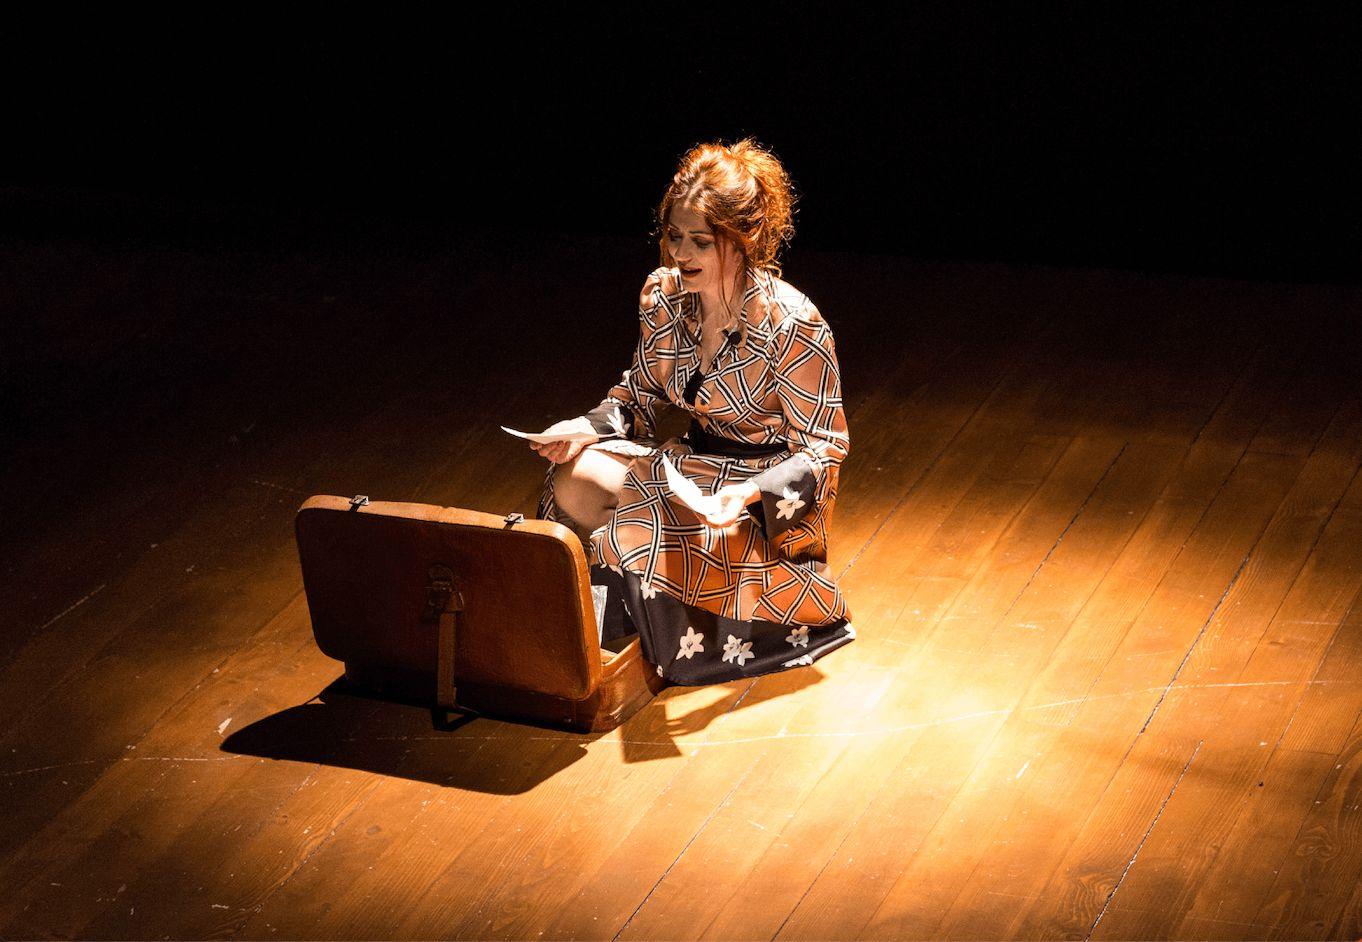 Il monologo DUE DONNE AI RAGGI X – MARIE CURIE E HEDY LAMARR, VE LE RACCONTO IO al teatro di Lissone è stata una bellissima replica!